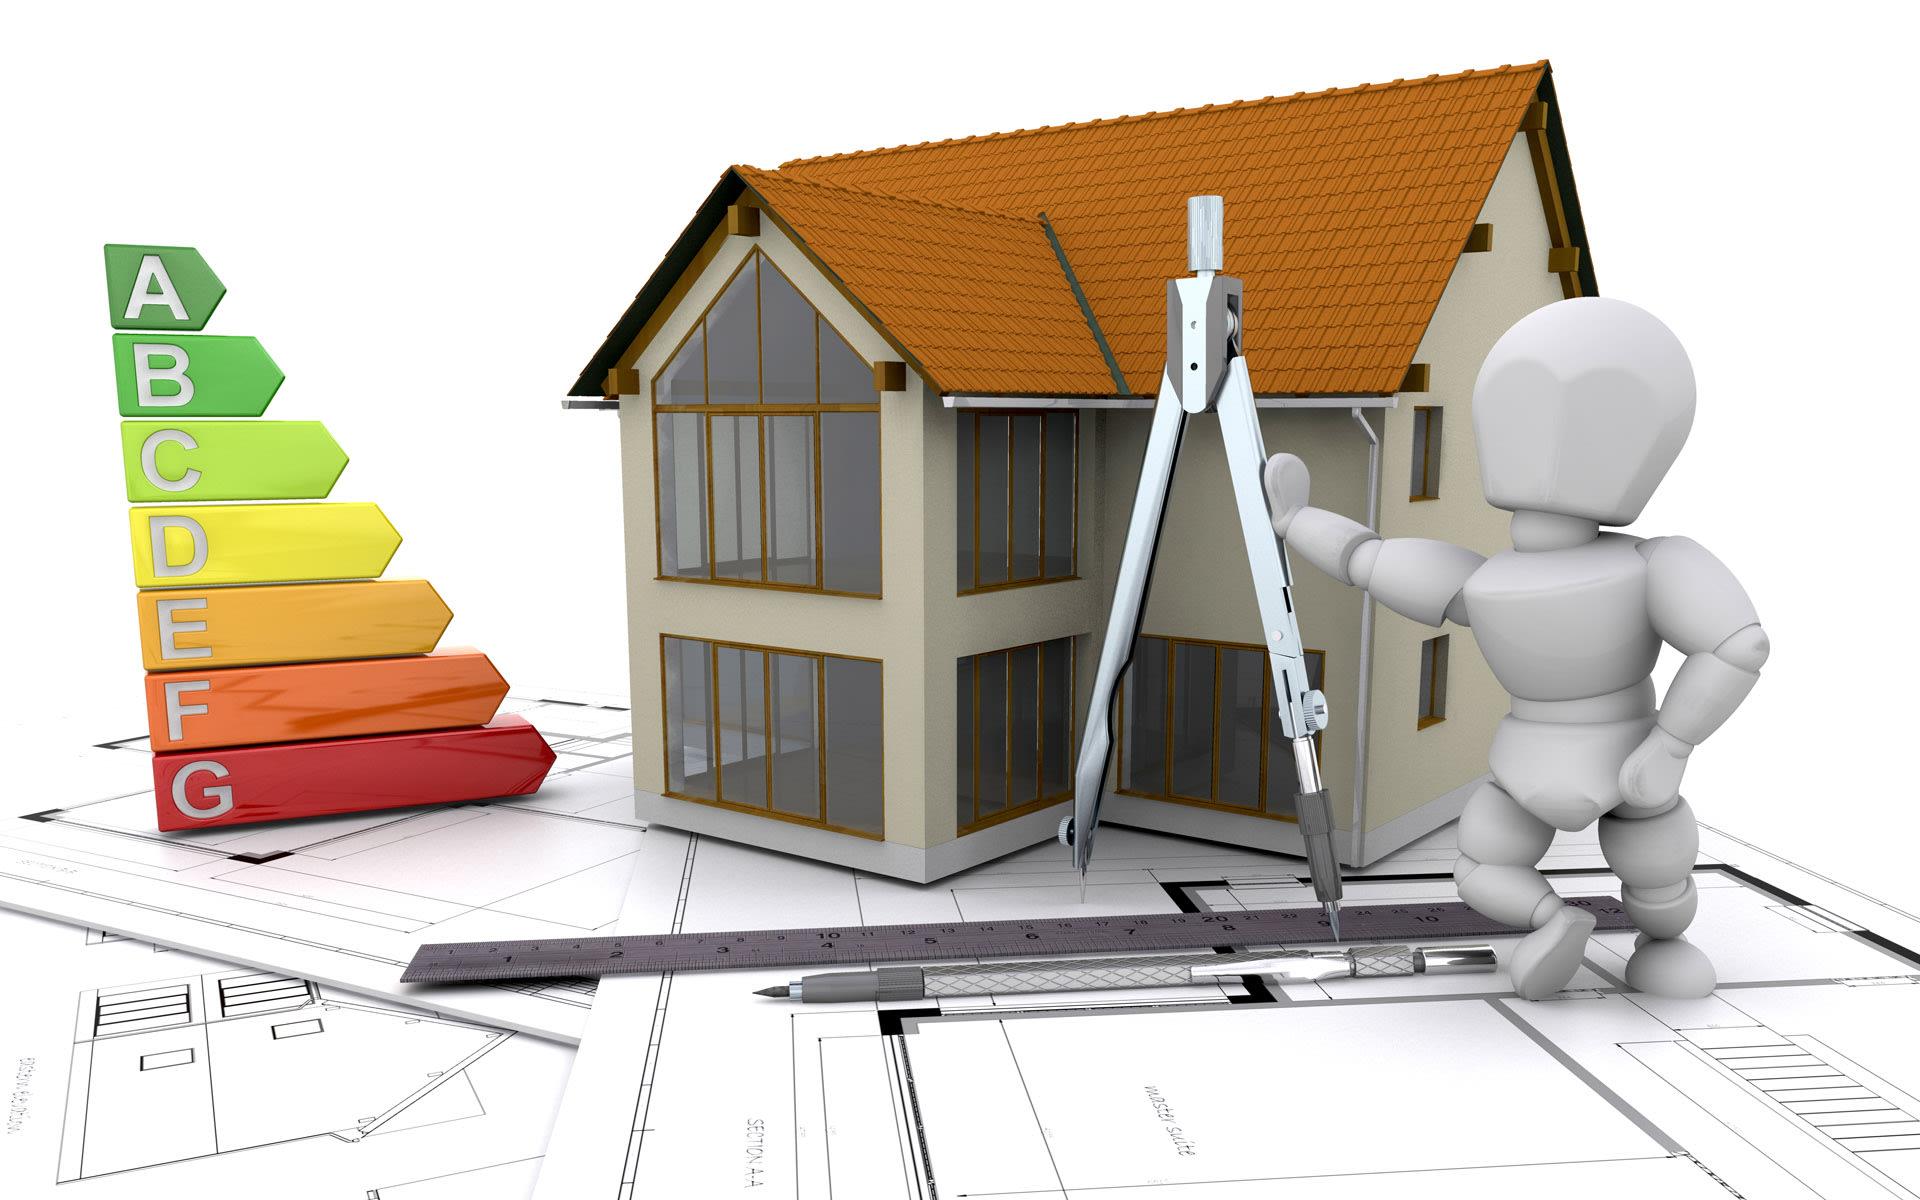 efficienza energetica negli edifici